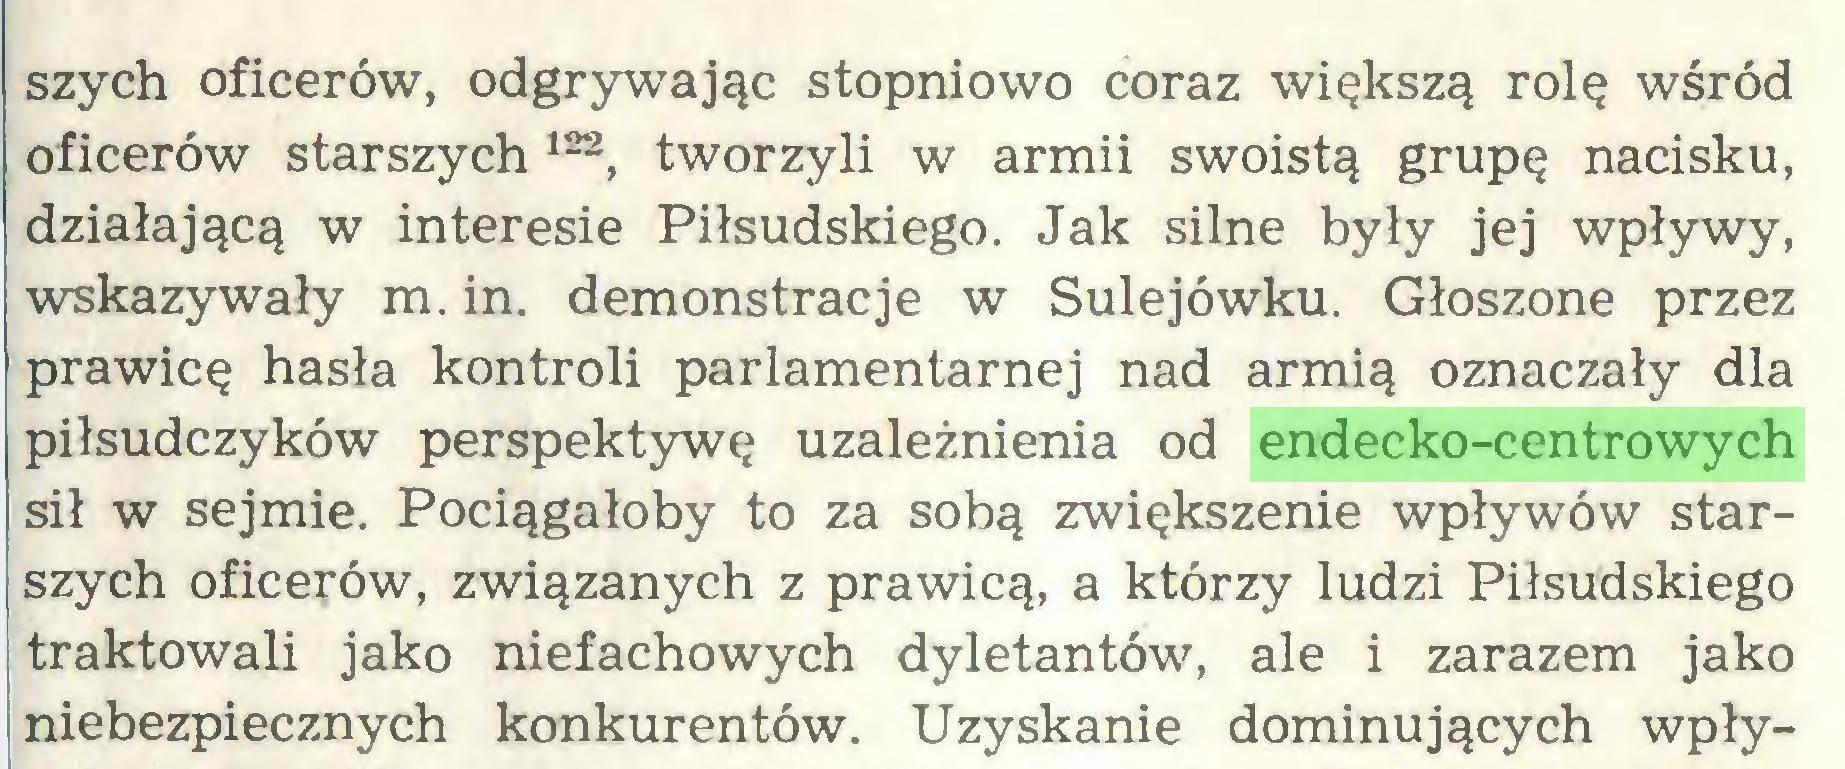 (...) szych oficerów, odgrywając stopniowo coraz większą rolę wśród oficerów starszych*  122 *, tworzyli w armii swoistą grupę nacisku, działającą w interesie Piłsudskiego. Jak silne były jej wpływy, wskazywały m. in. demonstracje w Sulejówku. Głoszone przez prawicę hasła kontroli parlamentarnej nad armią oznaczały dla piłsudczyków perspektywę uzależnienia od endecko-centrowych sił w sejmie. Pociągałoby to za sobą zwiększenie wpływów starszych oficerów, związanych z prawicą, a którzy ludzi Piłsudskiego traktowali jako niefachowych dyletantów, ale i zarazem jako niebezpiecznych konkurentów. Uzyskanie dominujących wpły...